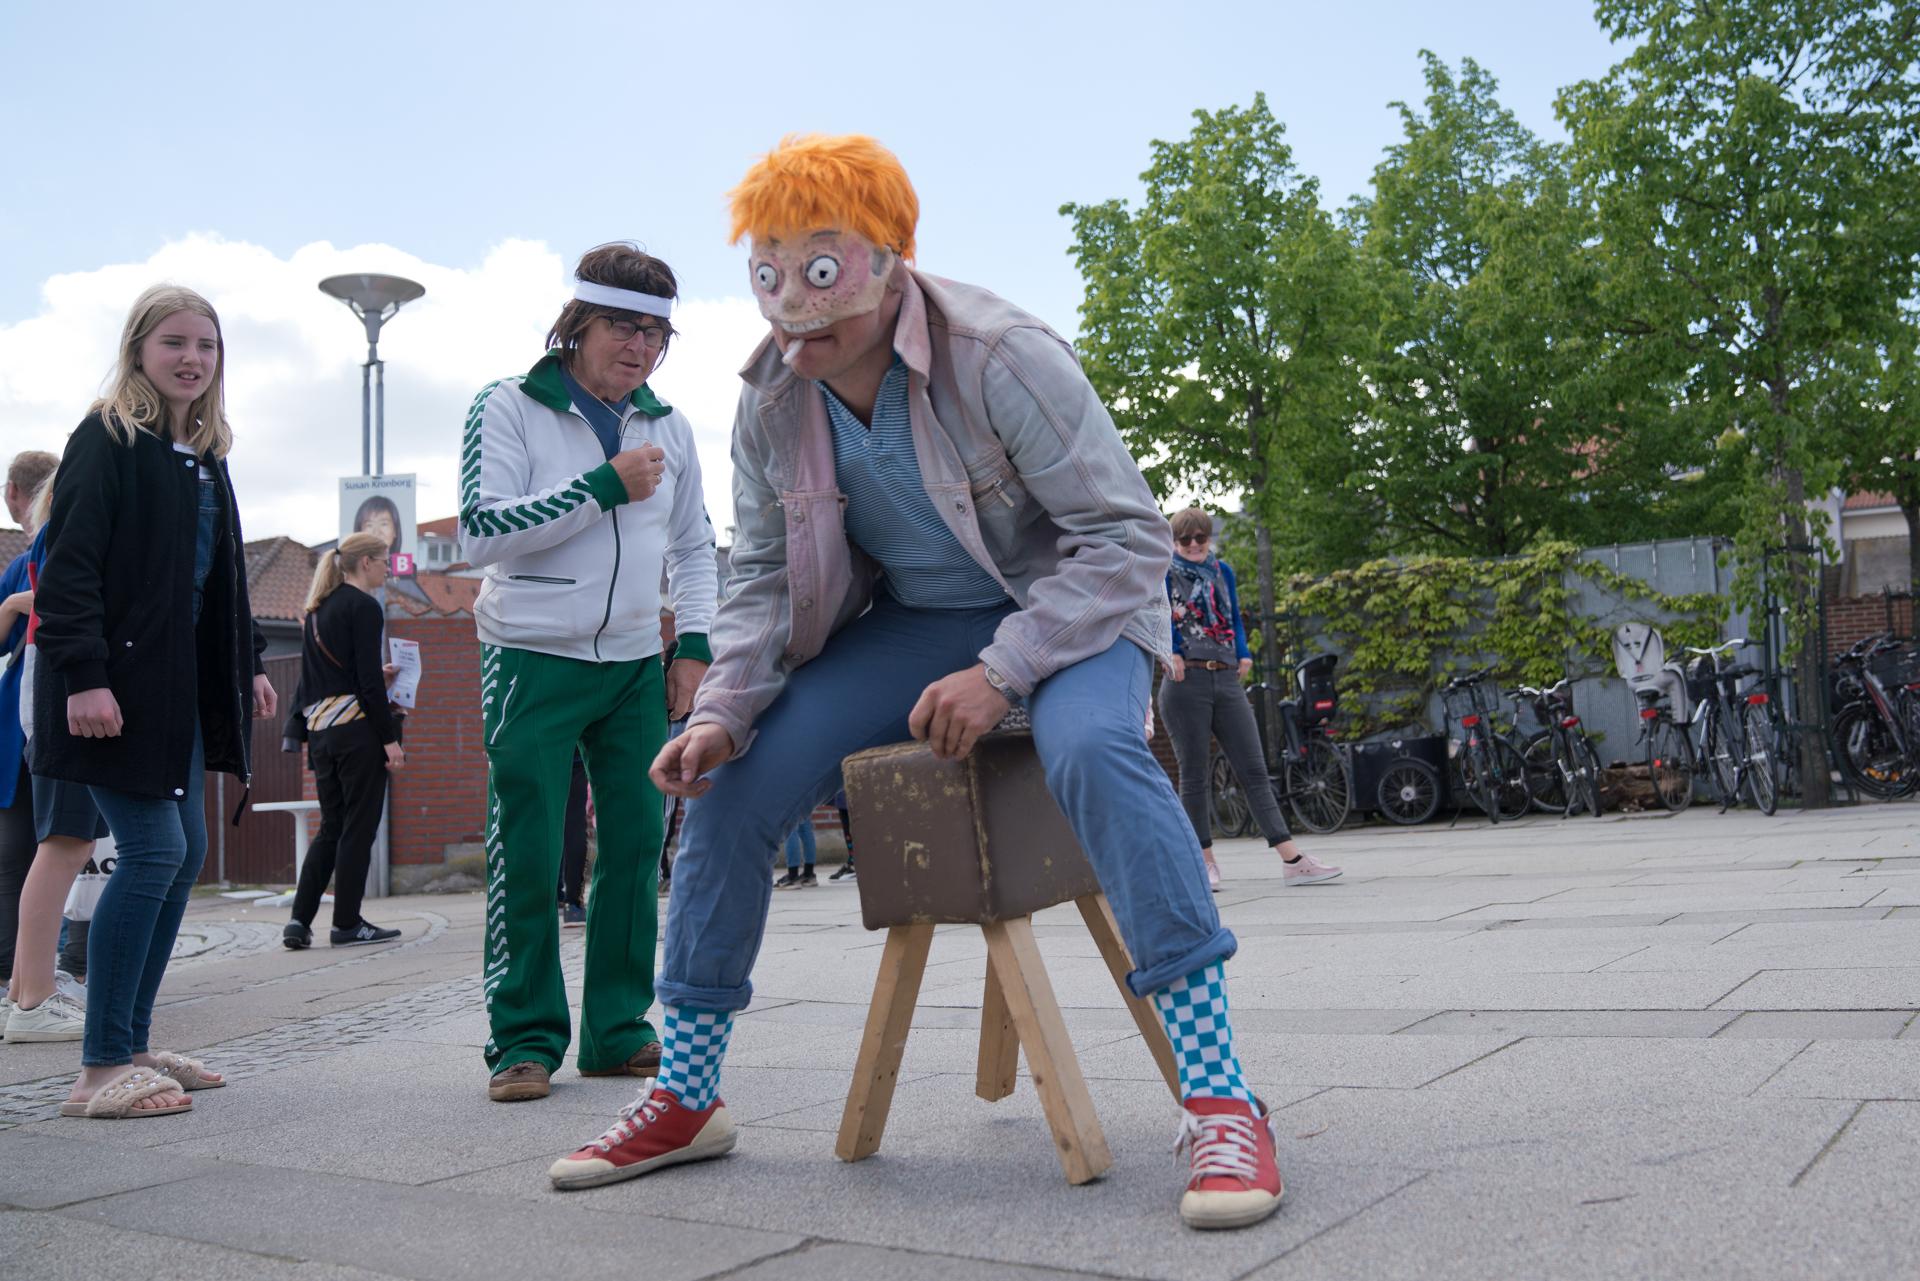 Sløngeldage lørdag - web - Fotograf Per Bille-20190525-00463.jpg